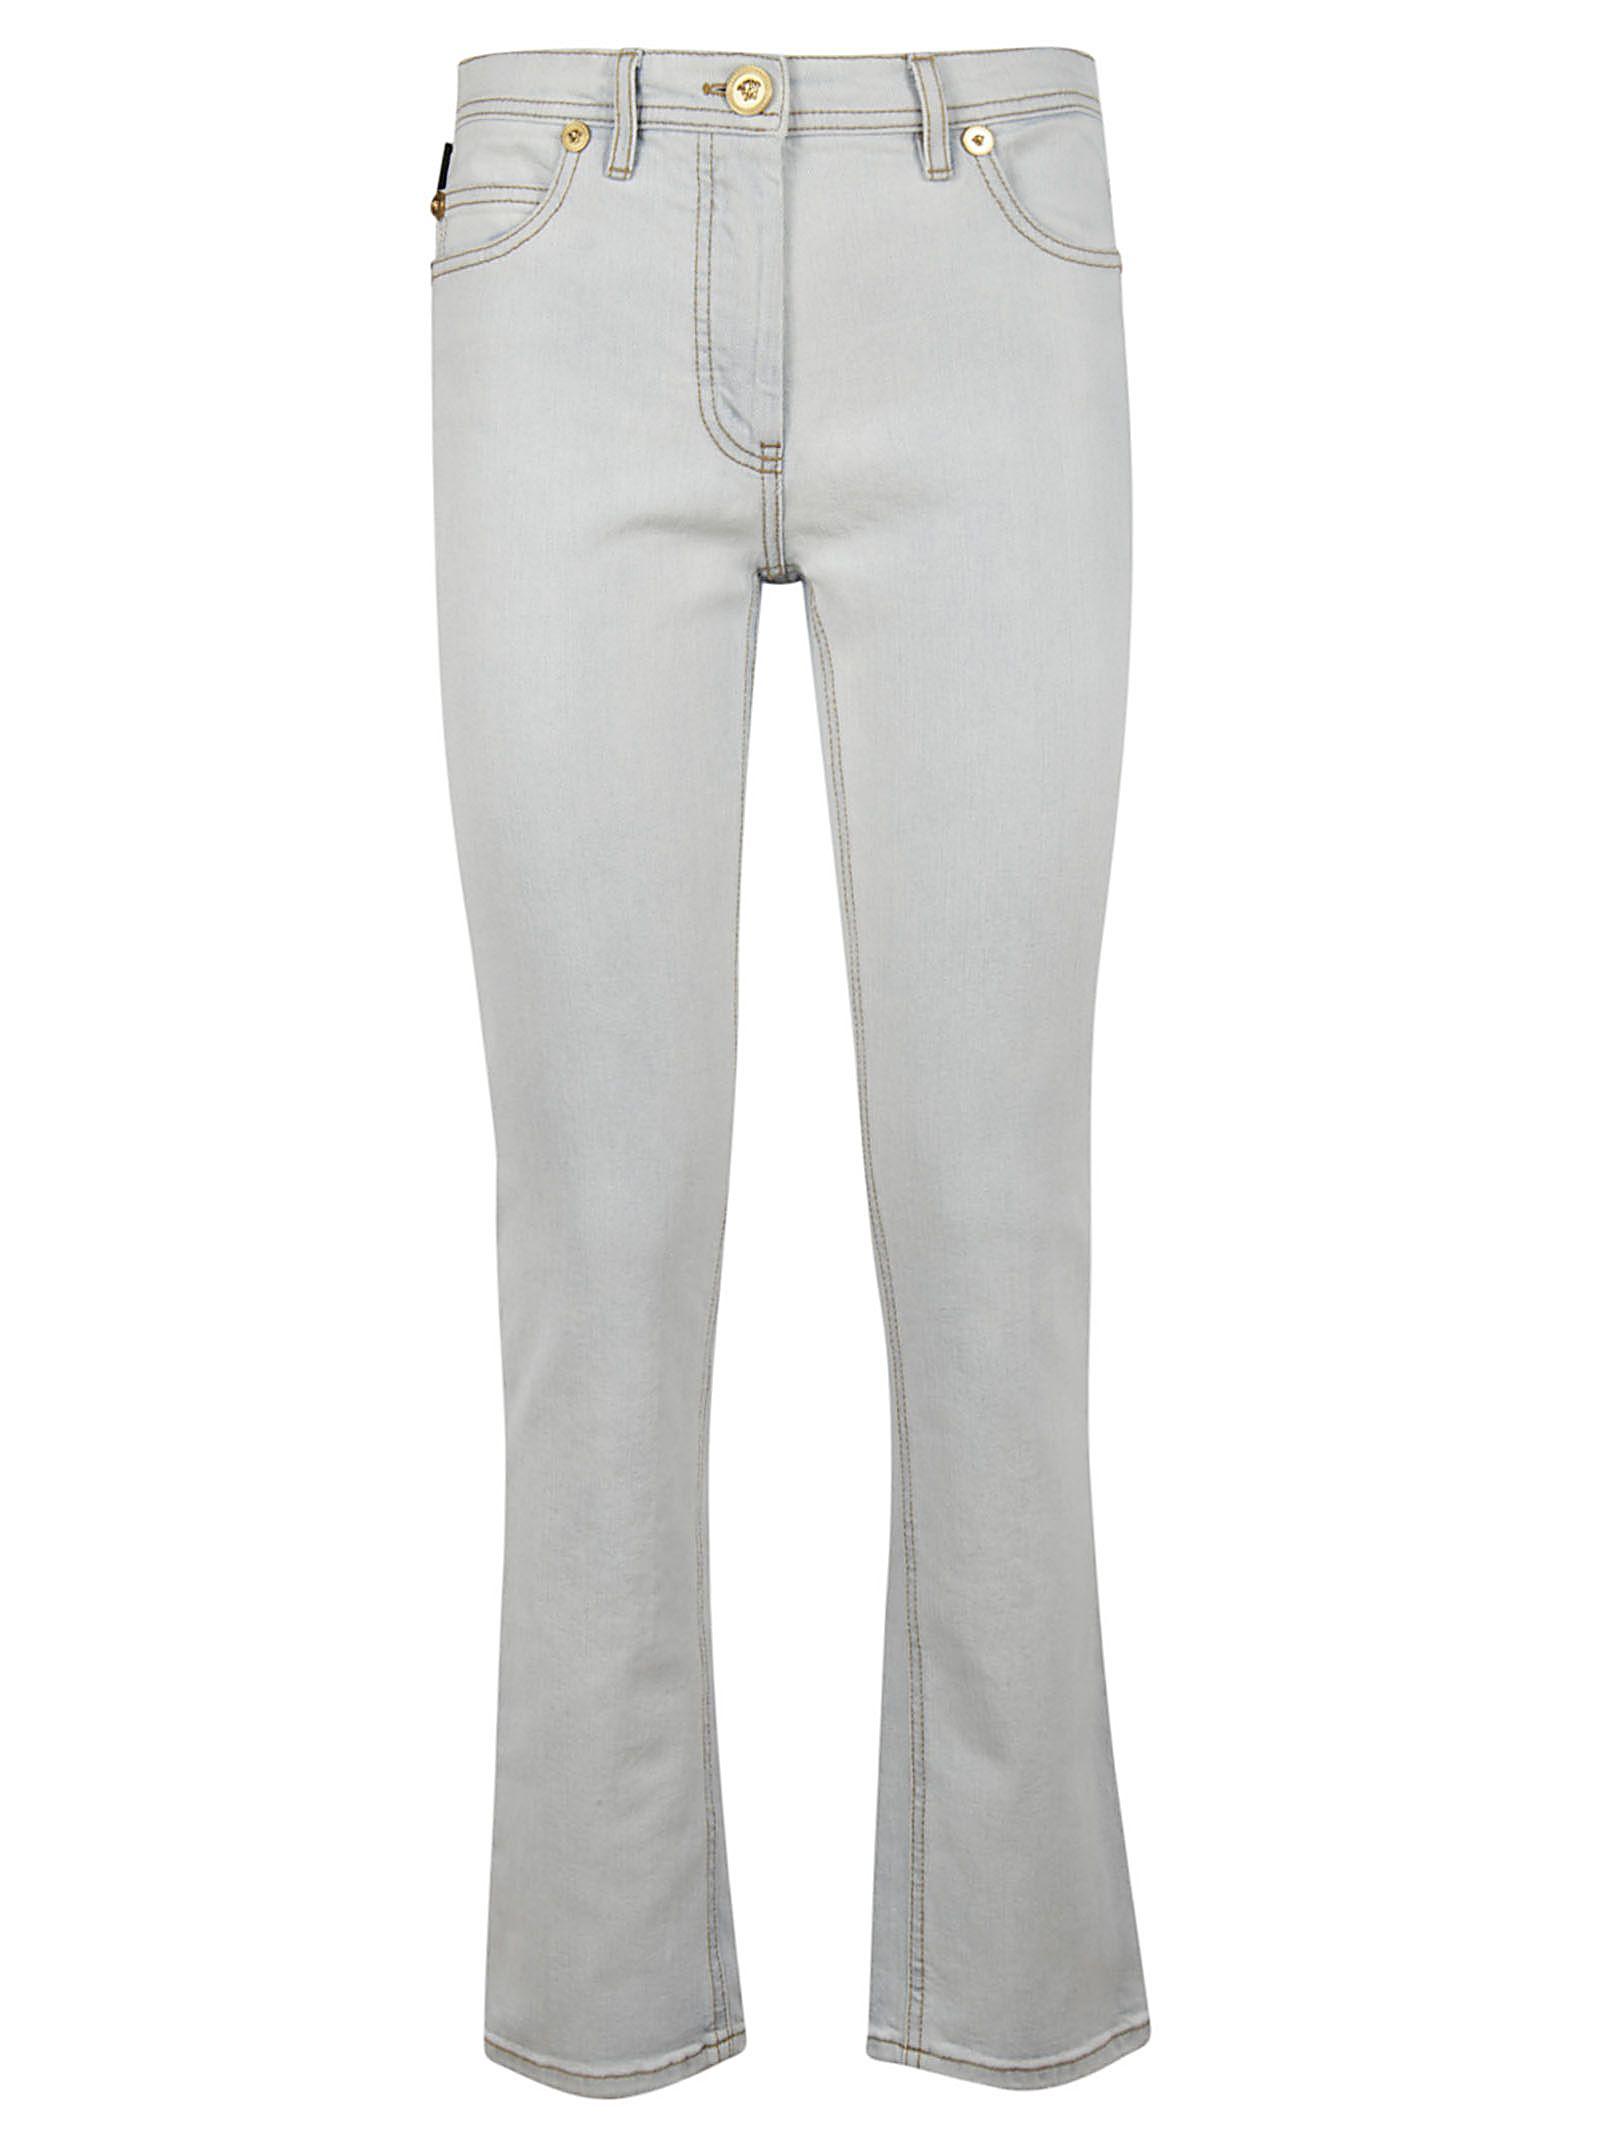 Versace Swarovski Medusa Logo Skinny Jeans In Light Blue